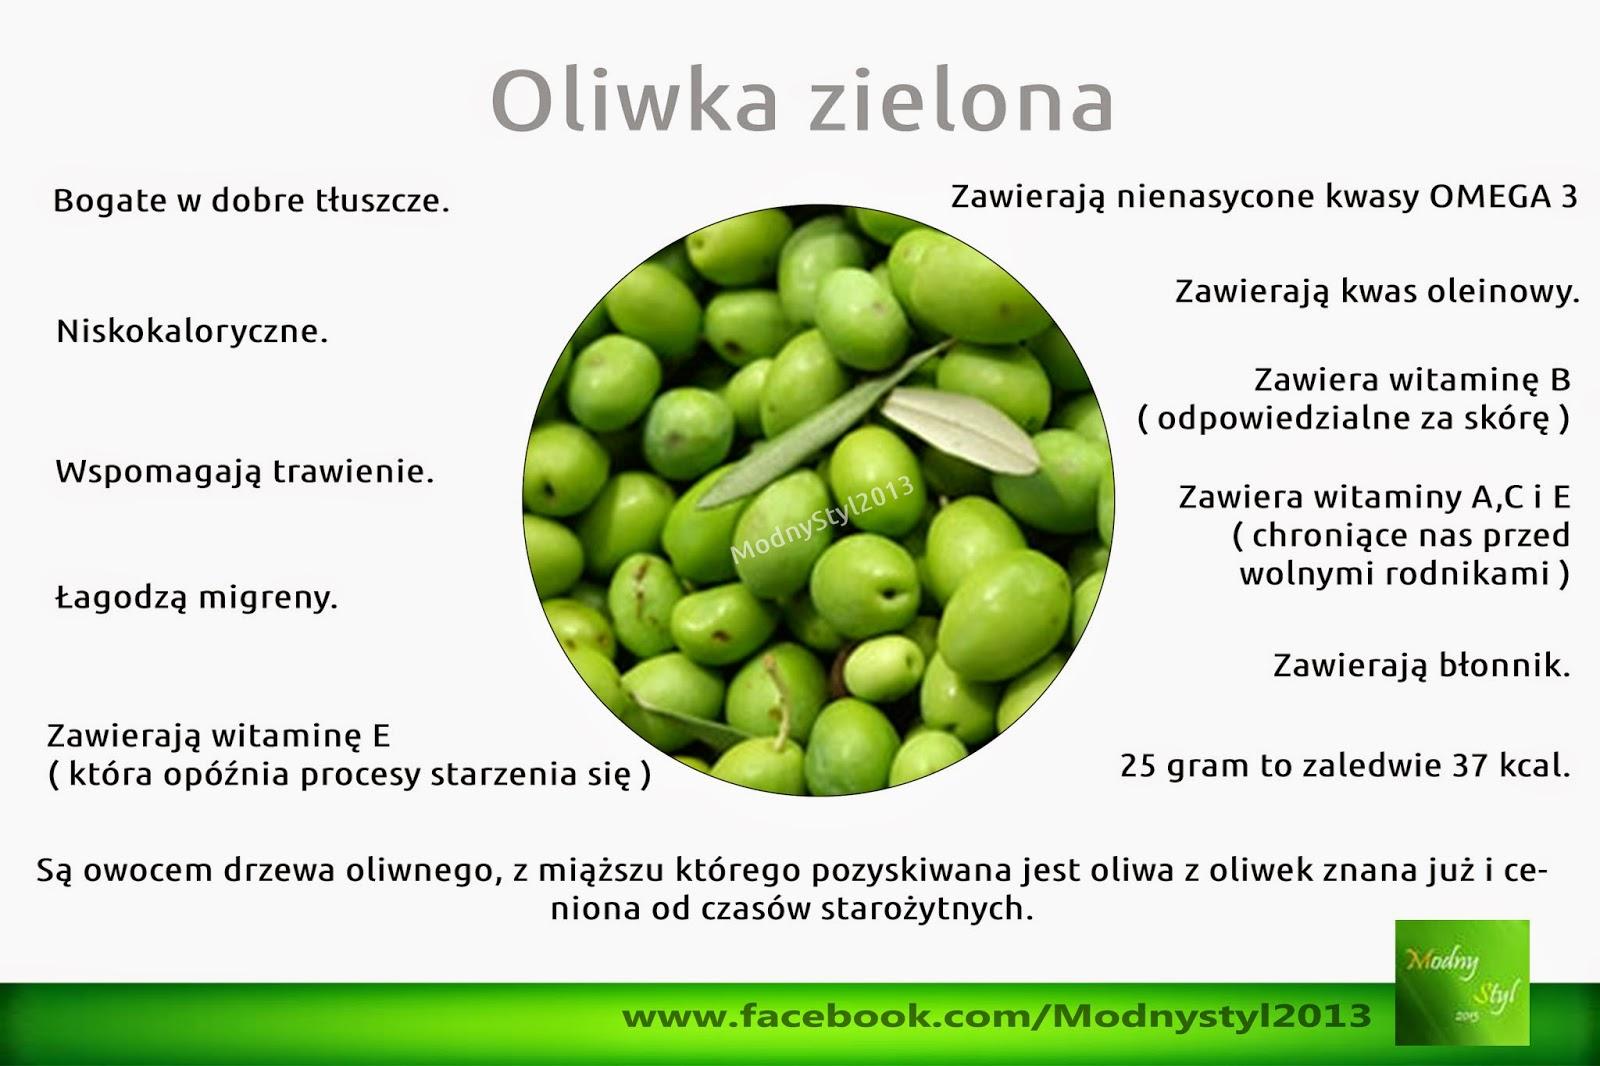 Oliwka zielona